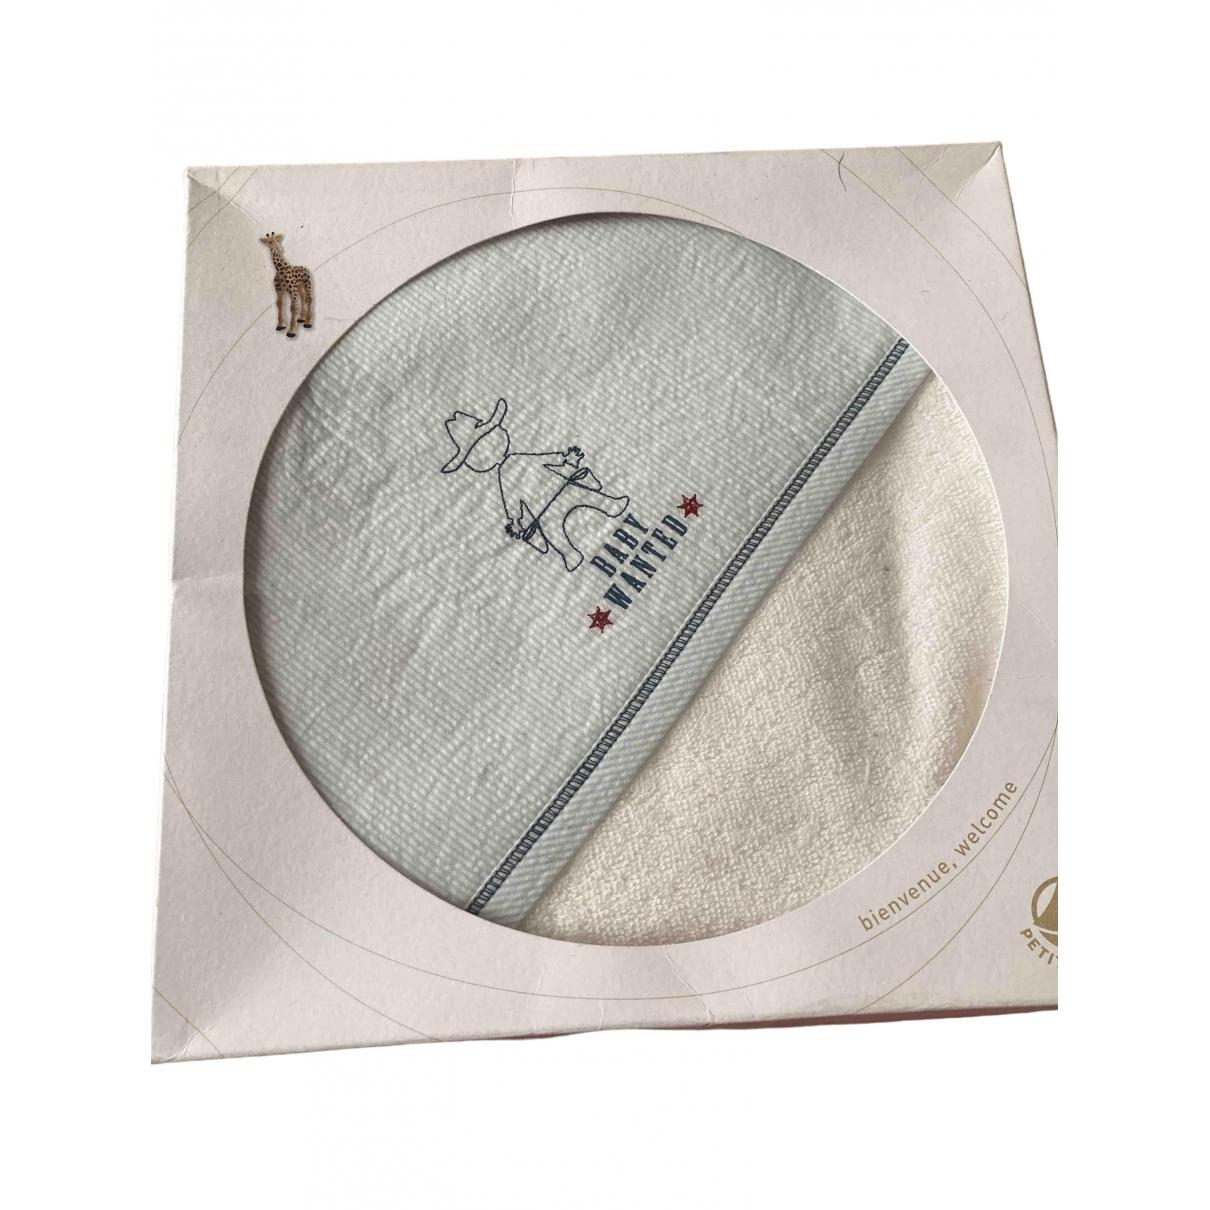 Petit Bateau - Linge de maison   pour lifestyle en coton - blanc